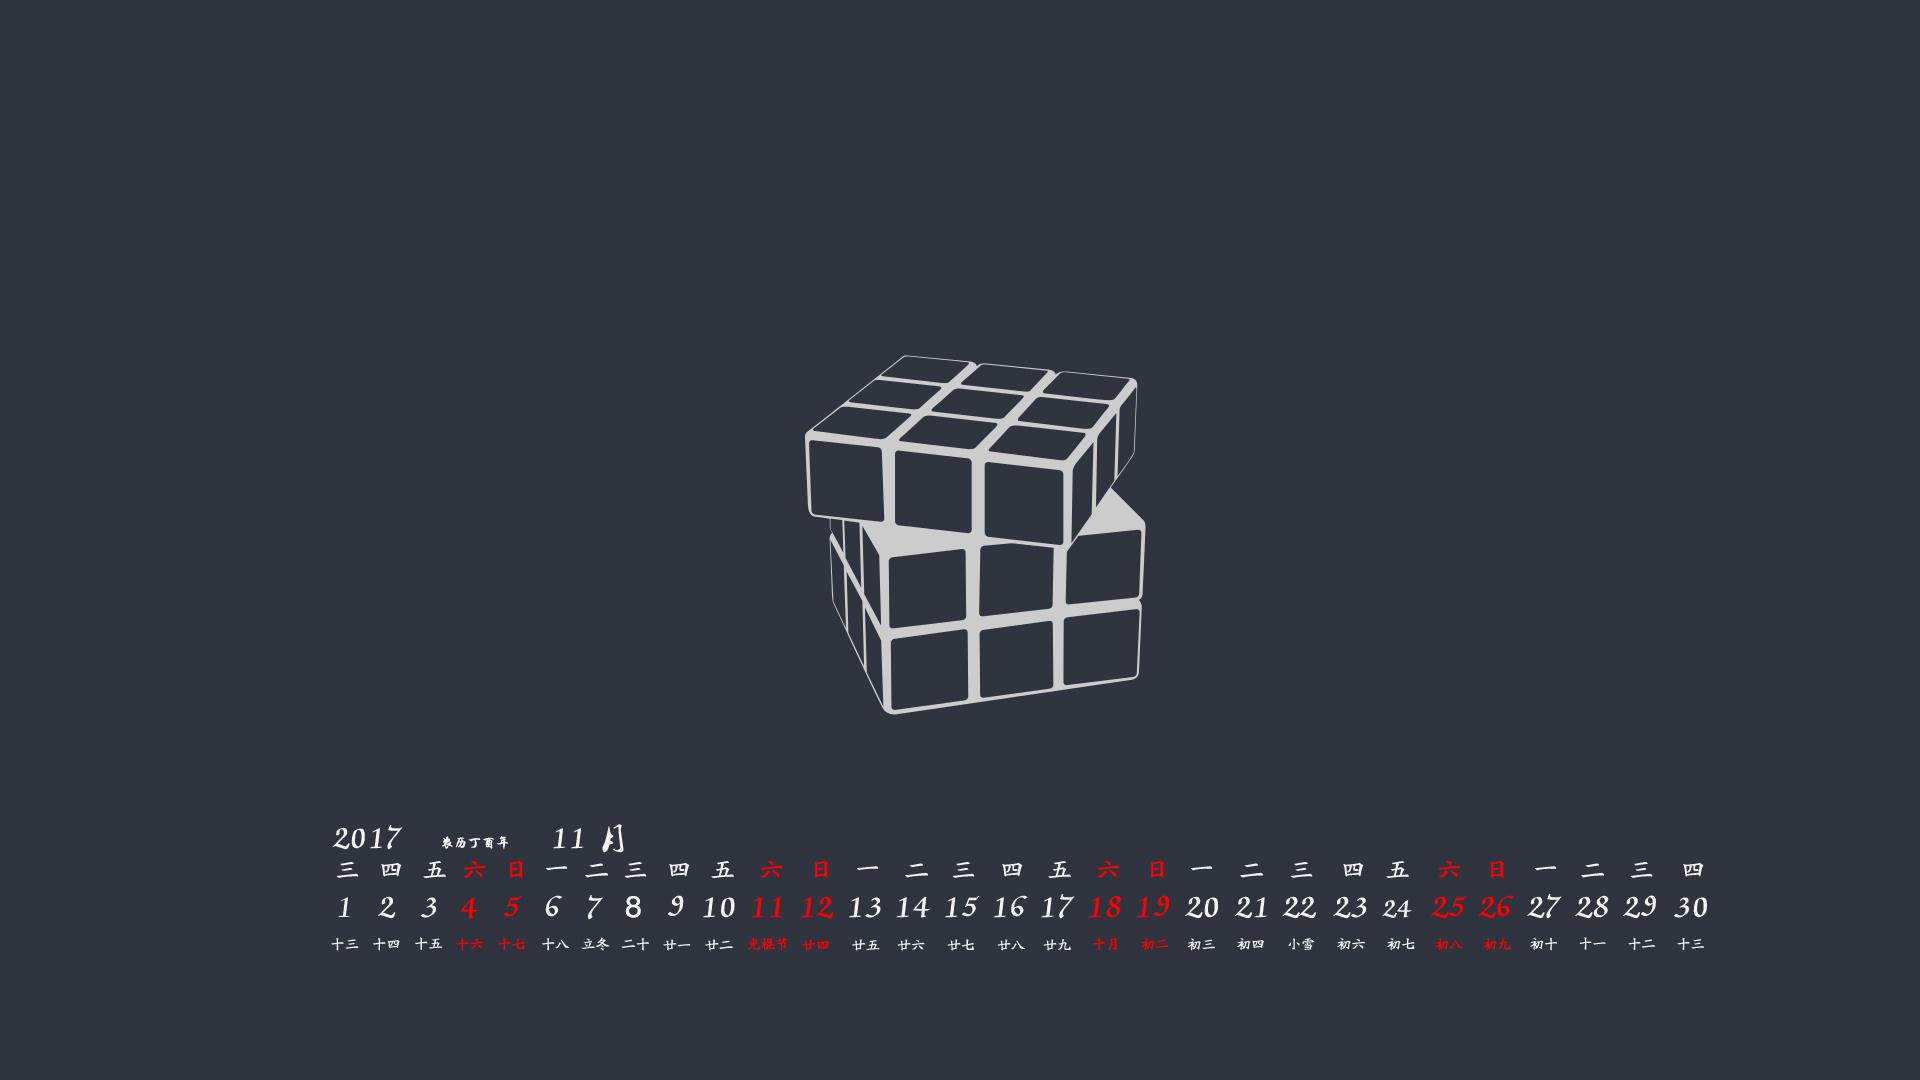 电脑创意桌面_2017年11月创意个性电脑桌面日历壁纸_桌面壁纸_mm4000图片大全